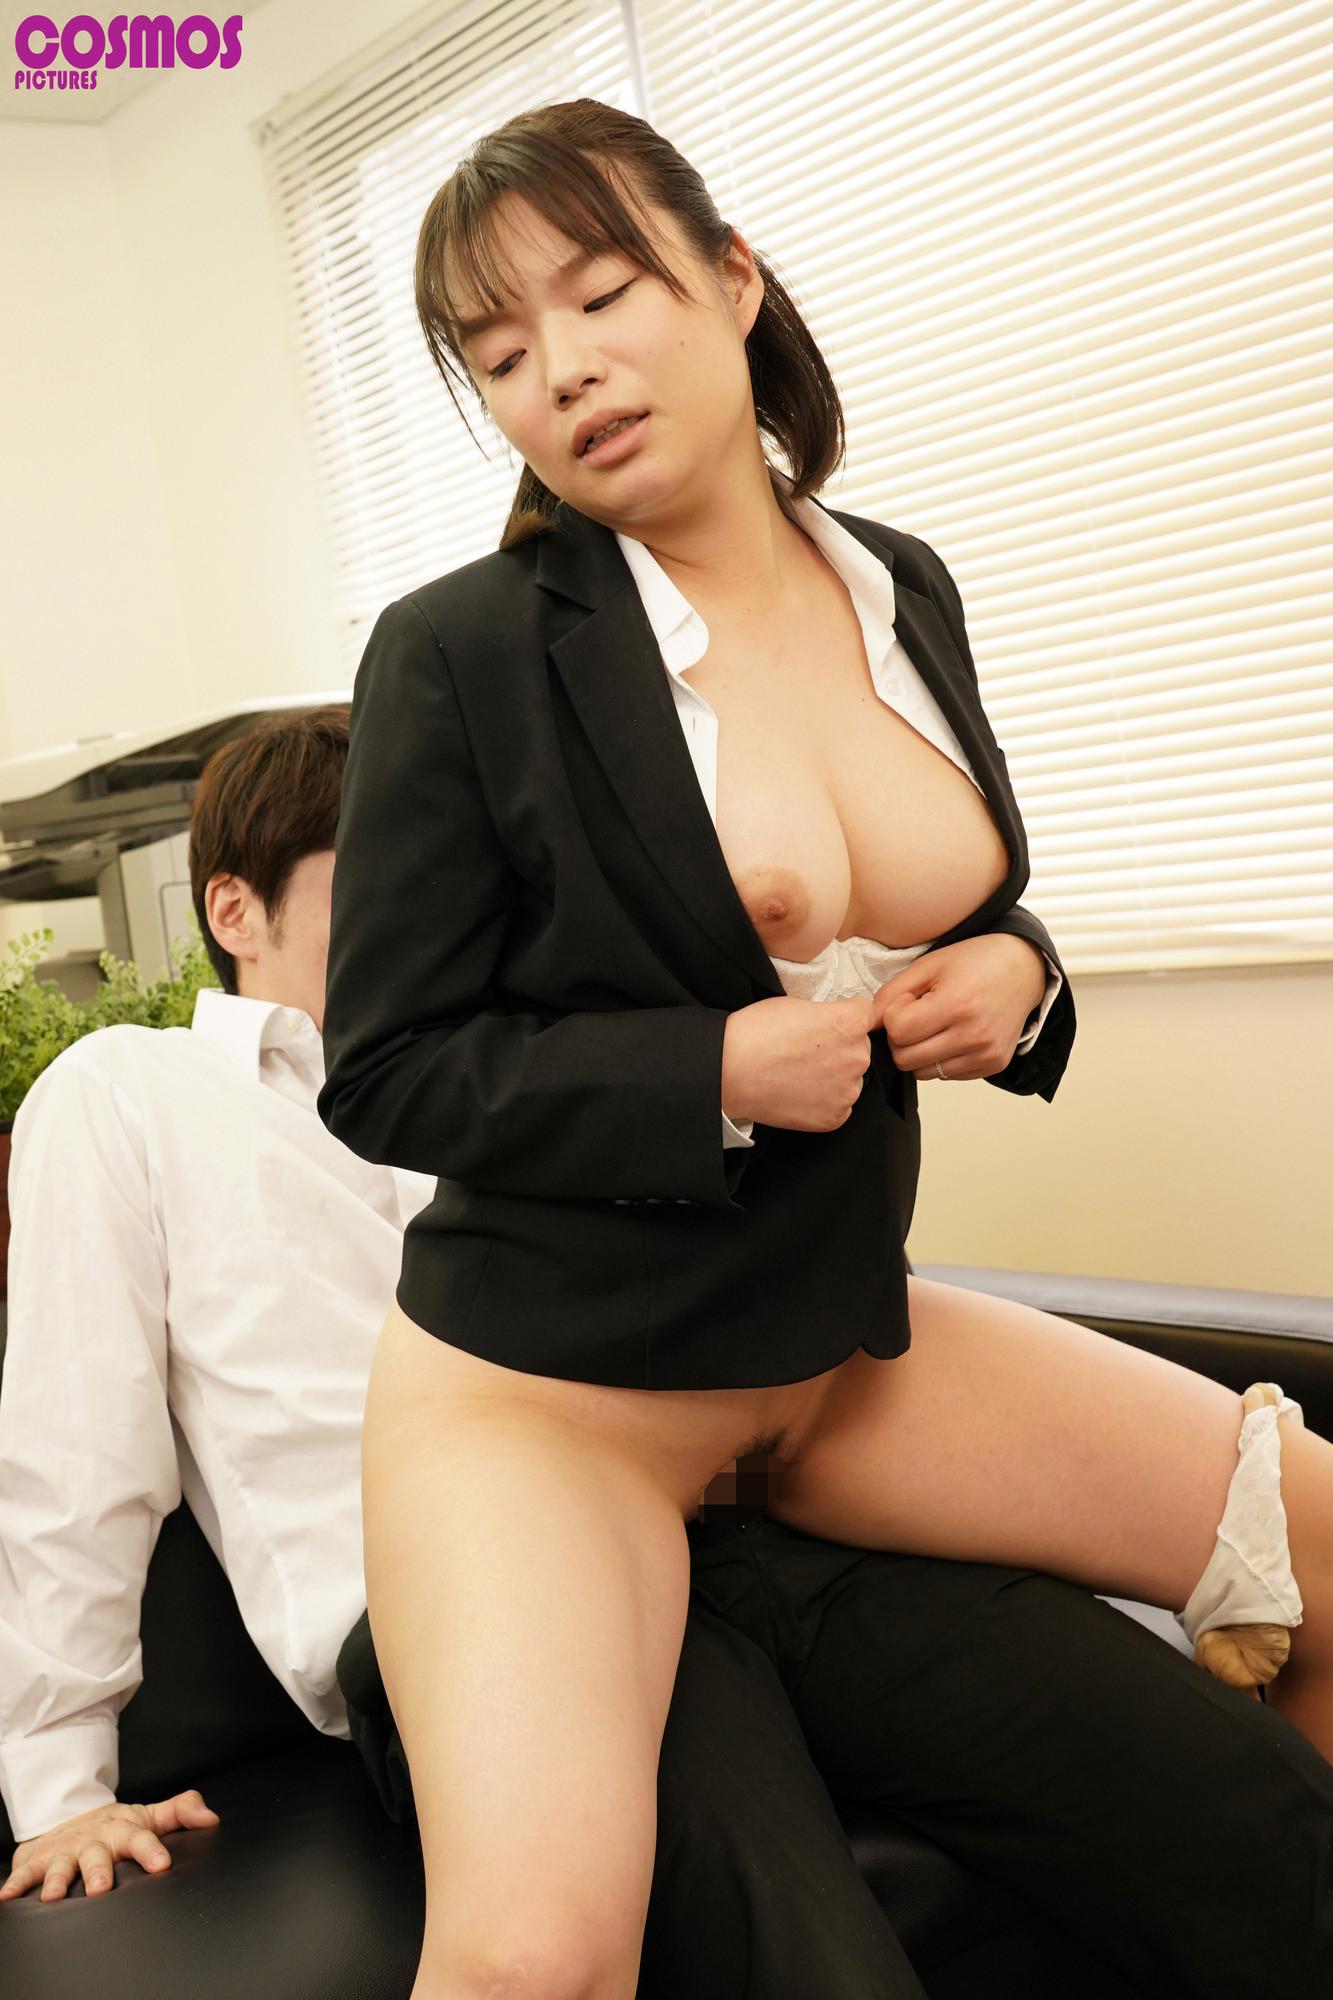 リクルートスーツがはちきれんばかりのデカ尻を面接官に視姦されている就活妻あおいさん(27)念願のおしり圧迫面接で満足 画像6